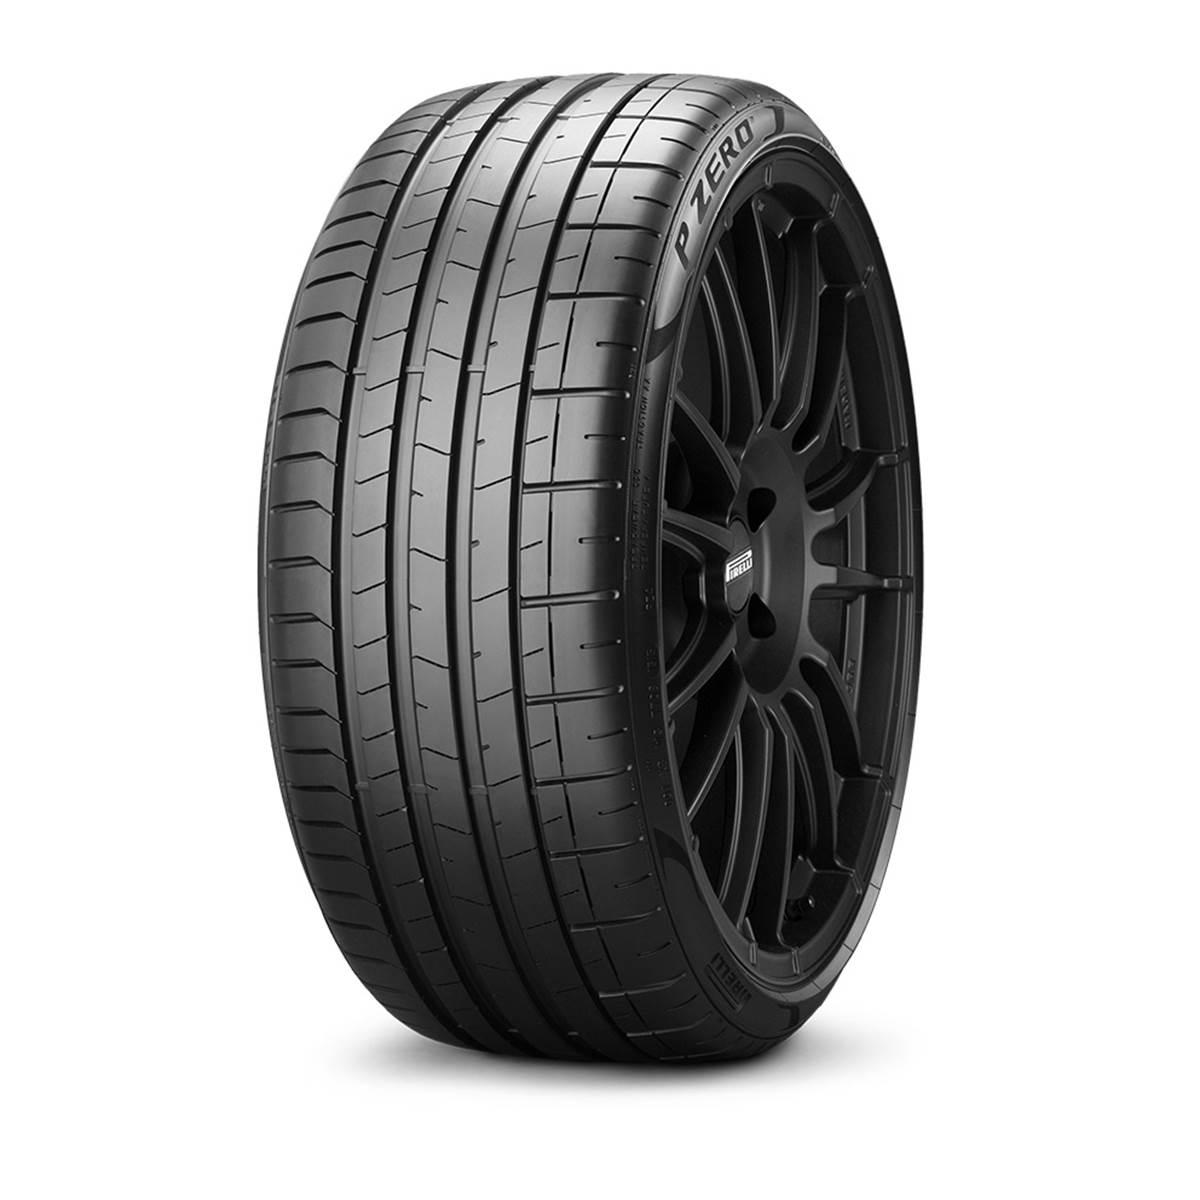 Pneu Runflat Pirelli 245/50R18 100Y Pzero